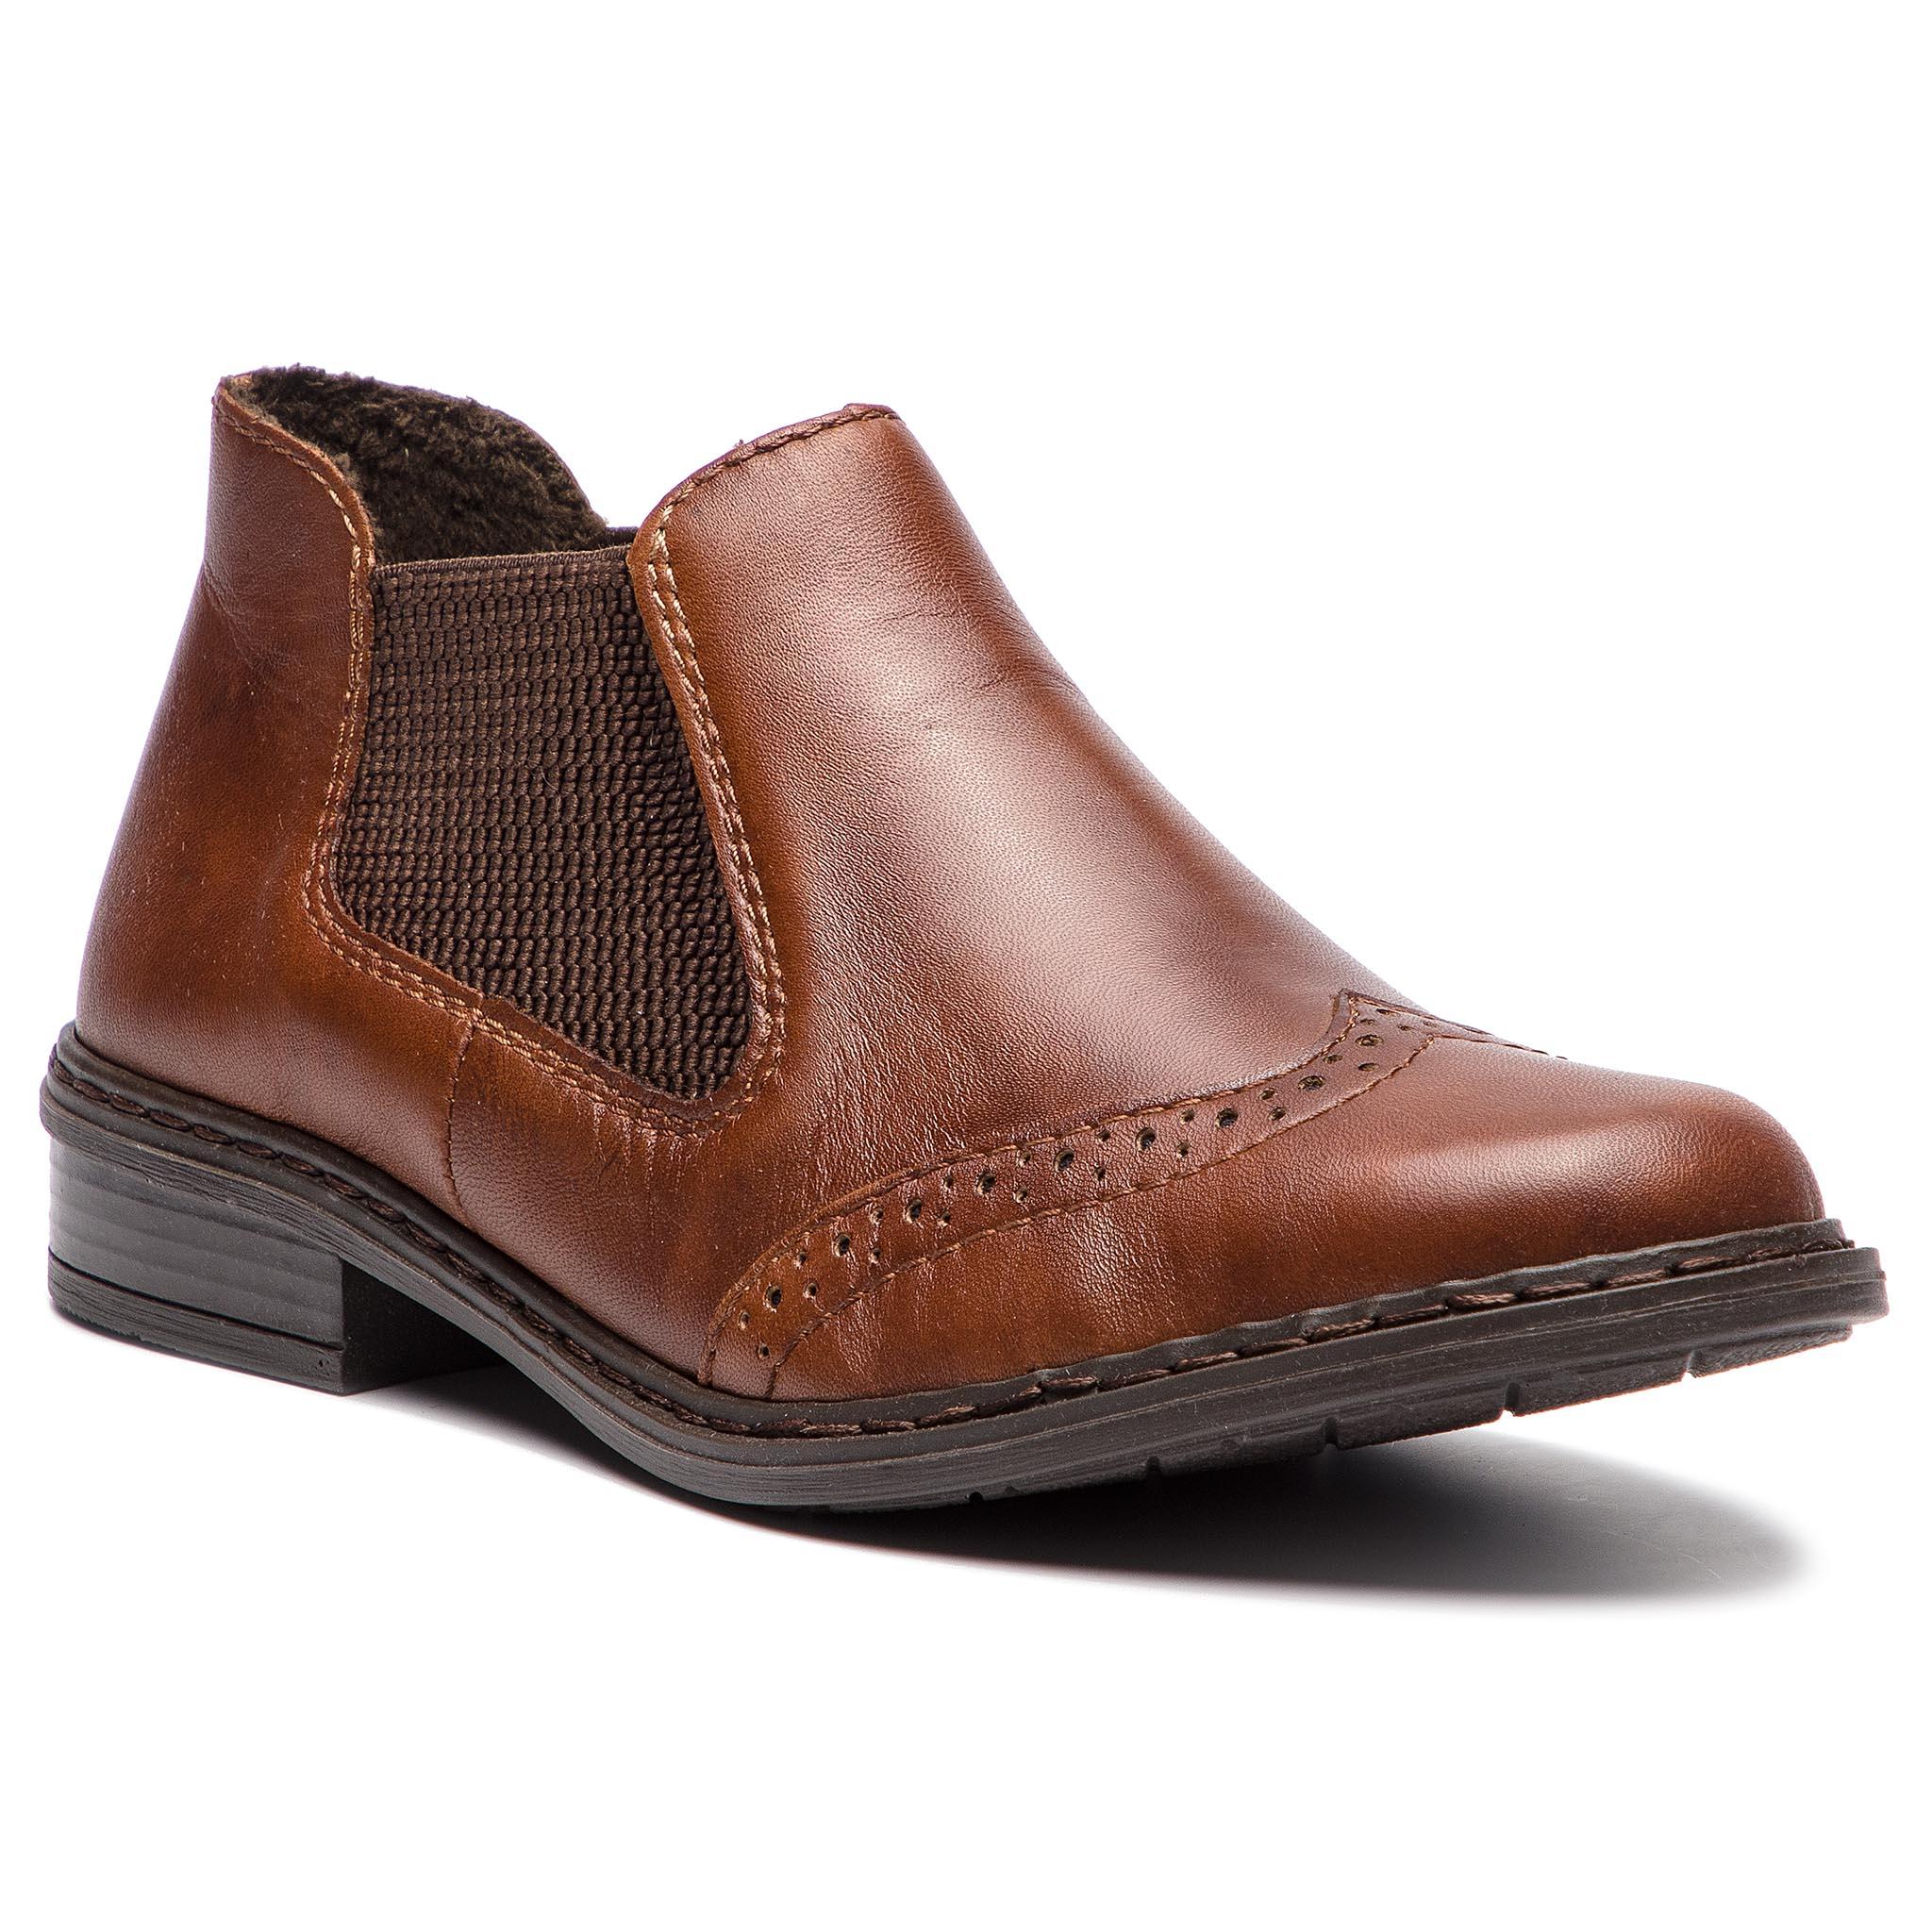 Kotníková obuv s elastickým prvkom RIEKER - 52093-22 Braun. Nové Kotníková  obuv s elastickým prvkom ... 5a7c93bd512